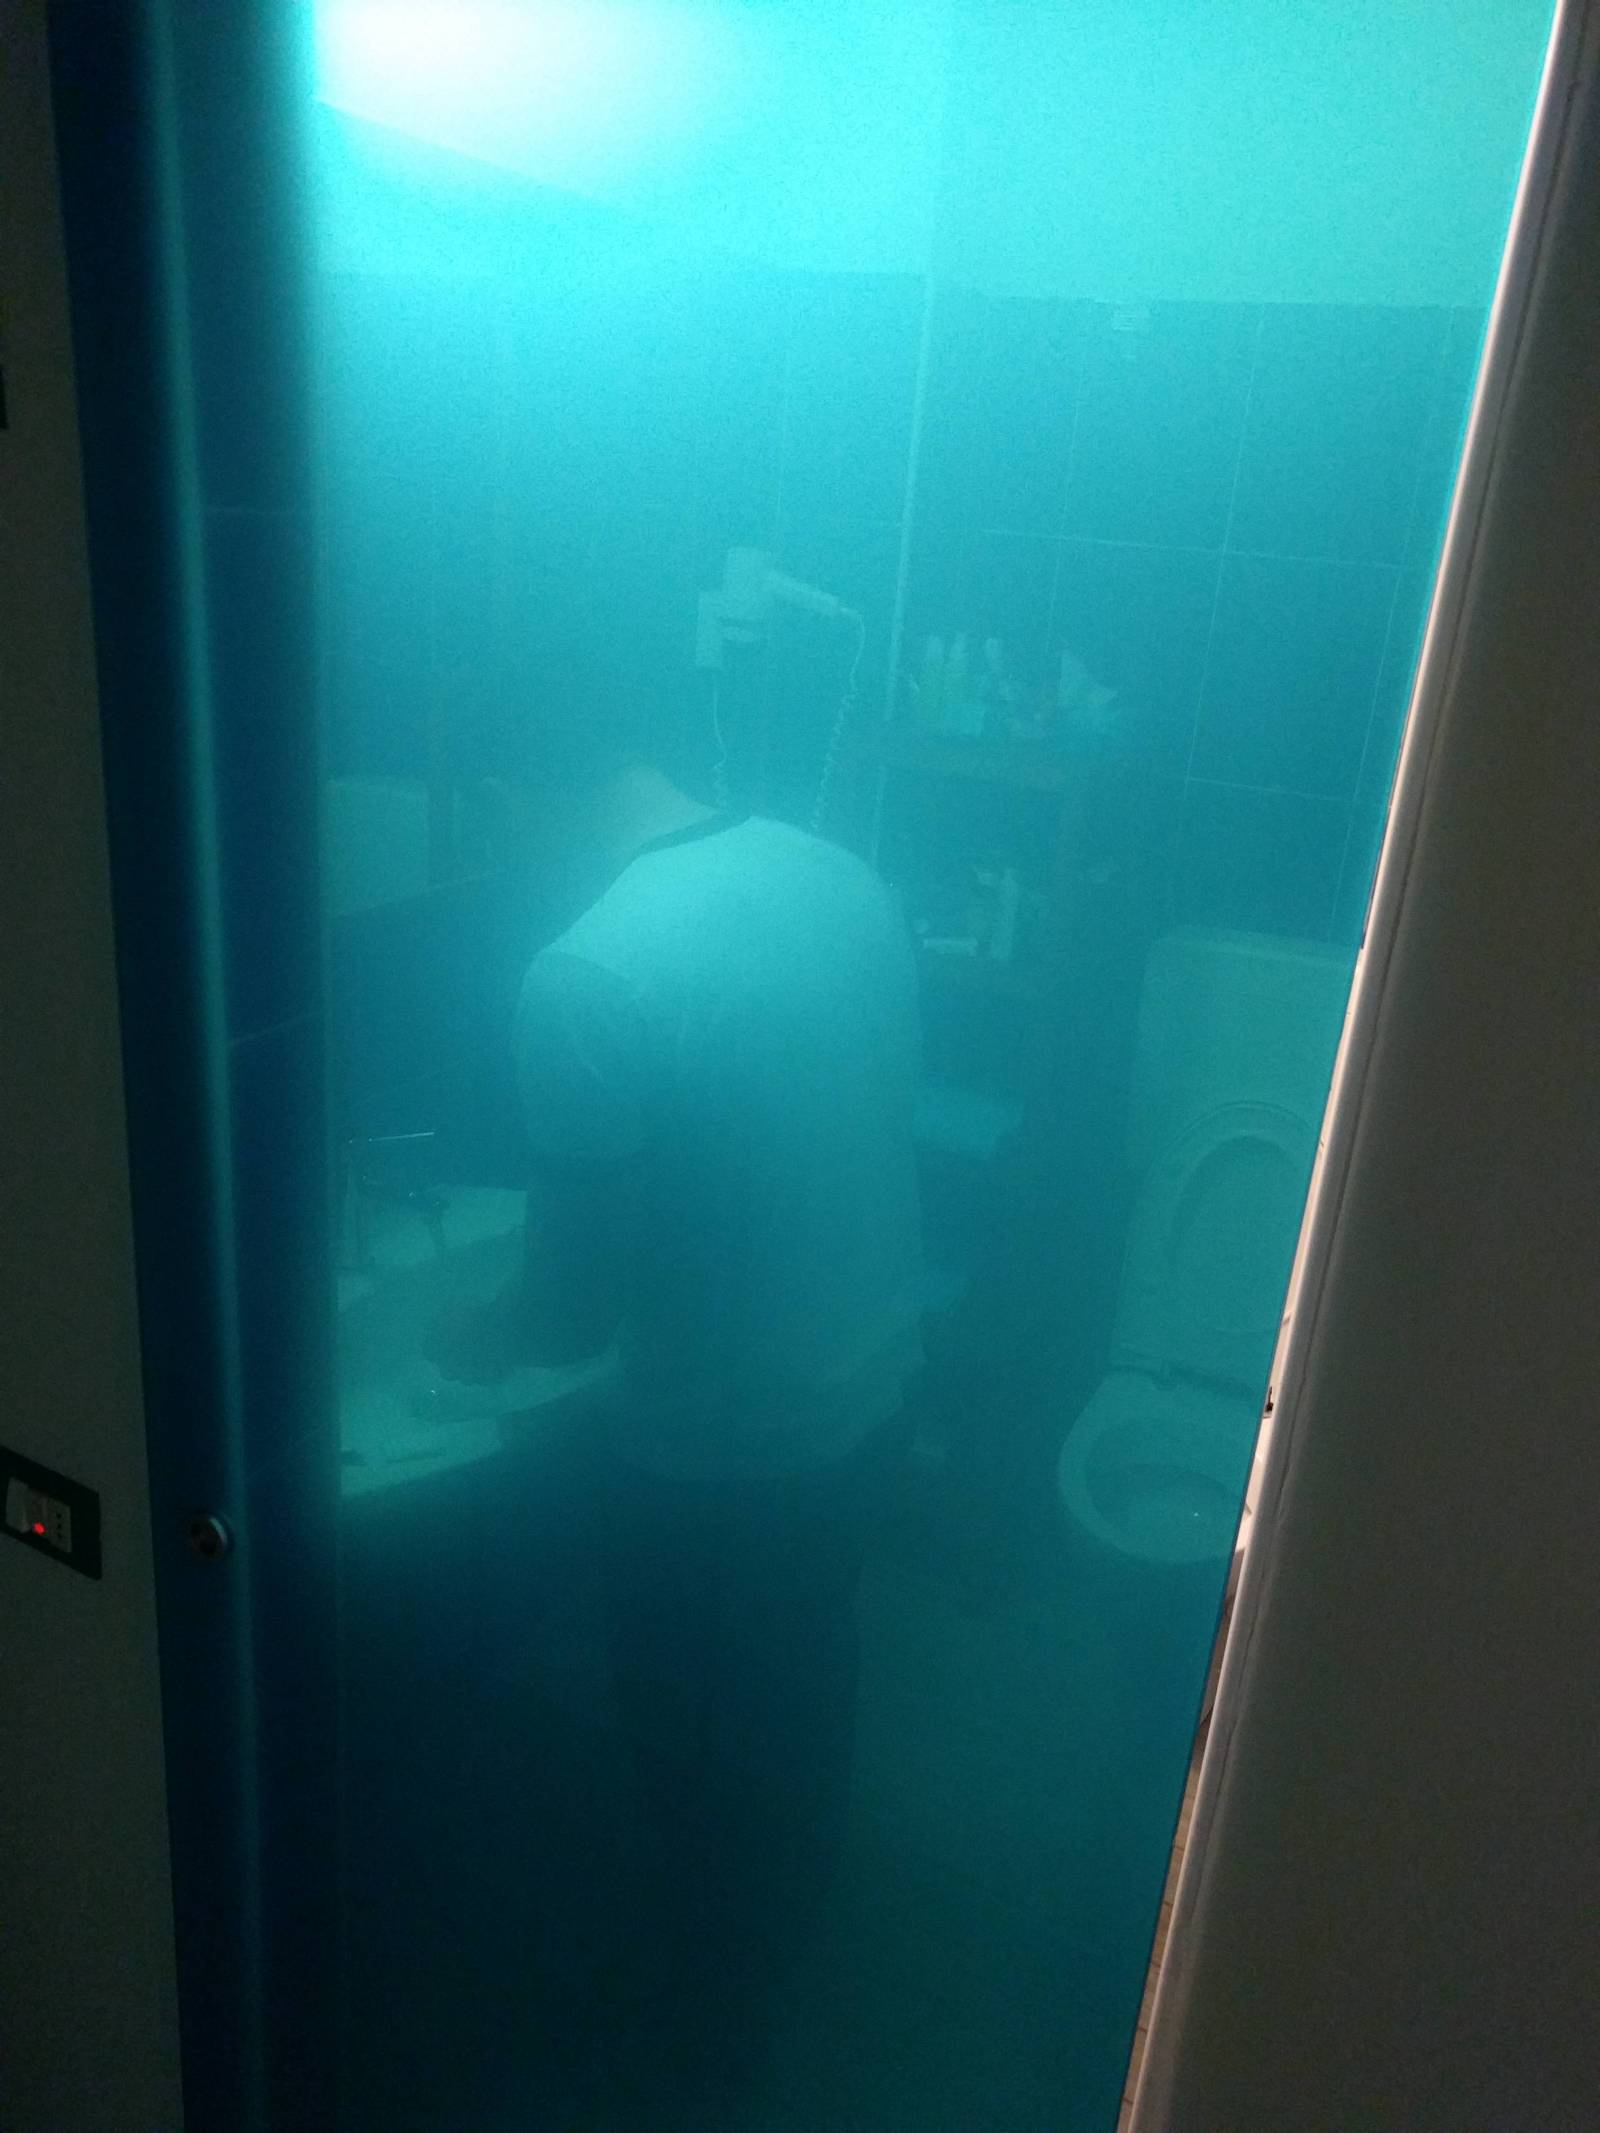 прозрачная дверь туалета в отеле